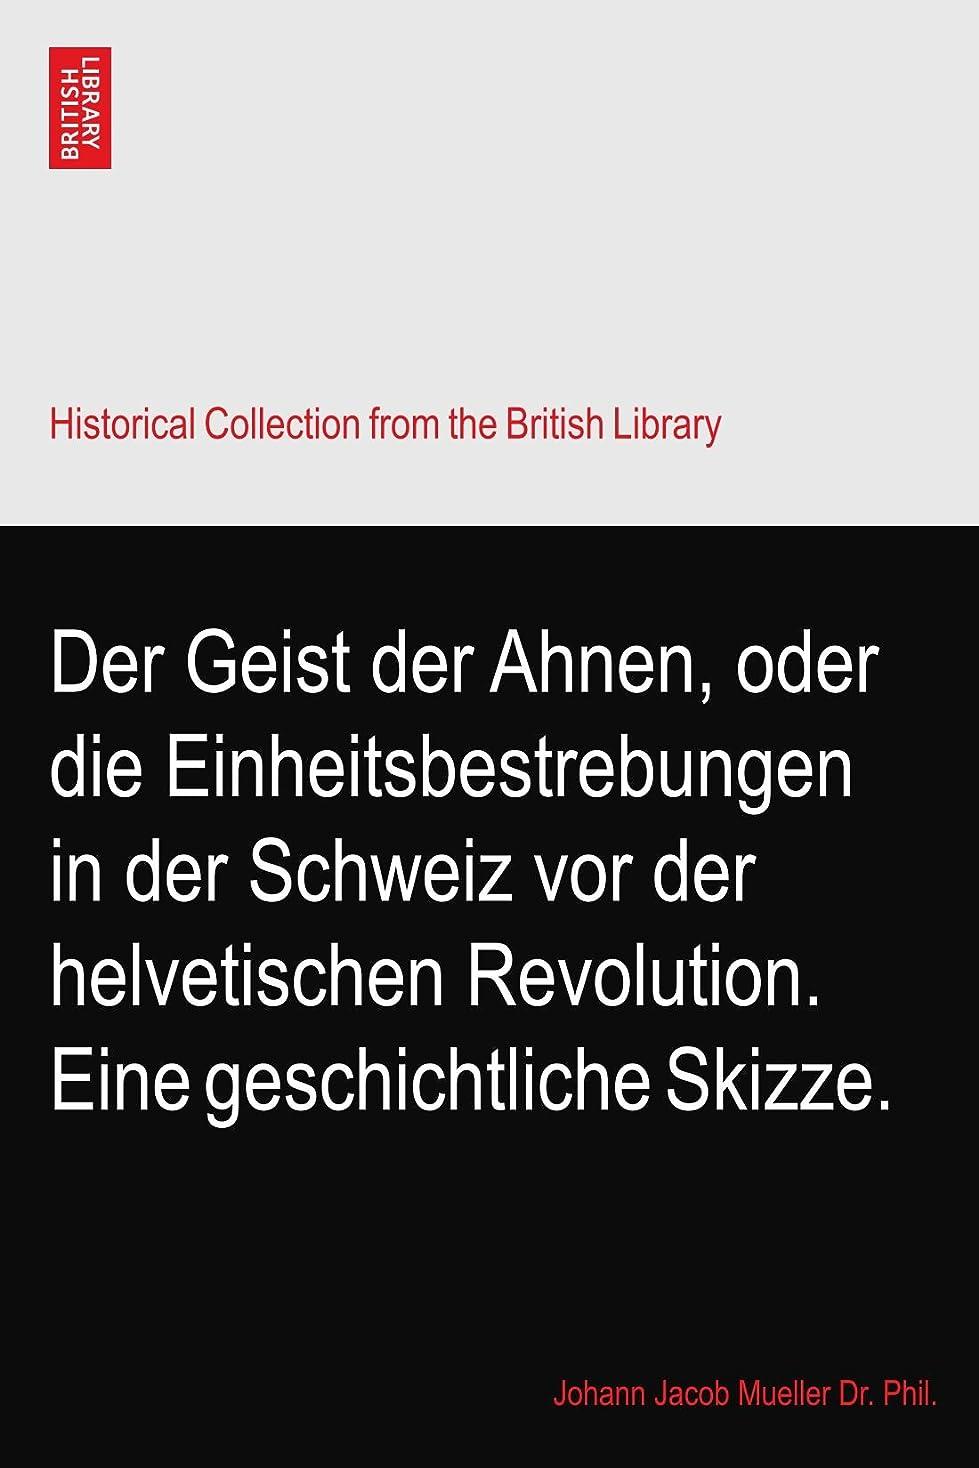 インターネットとにかく剃るDer Geist der Ahnen, oder die Einheitsbestrebungen in der Schweiz vor der helvetischen Revolution. Eine geschichtliche Skizze.